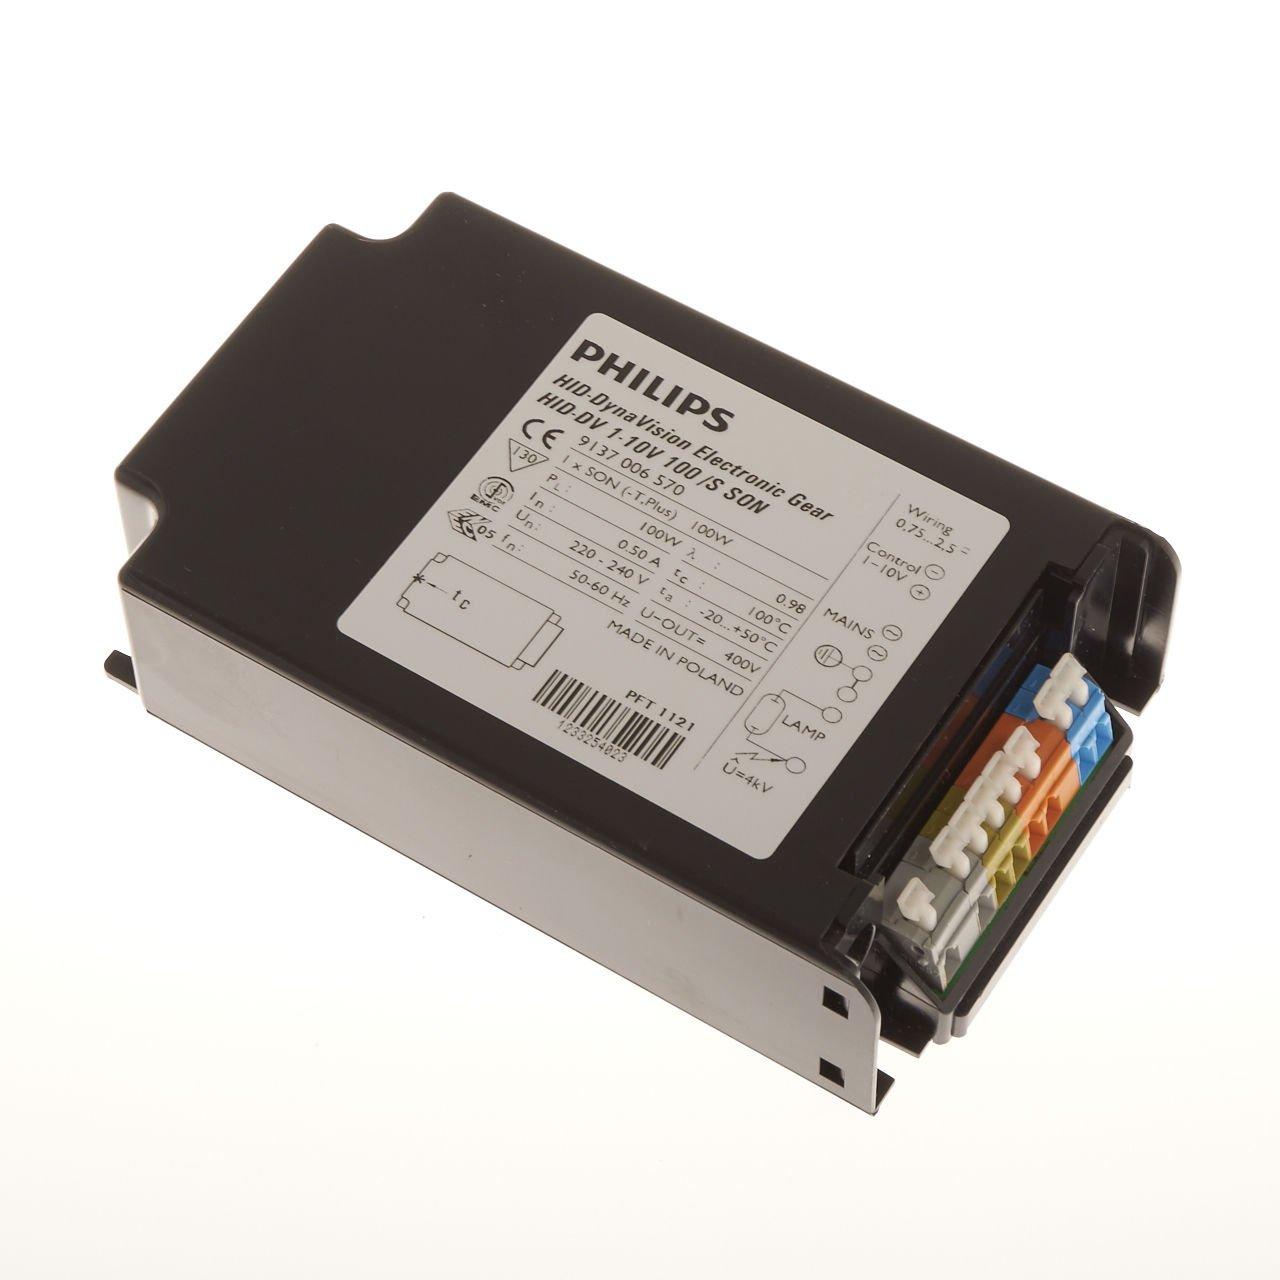 Philips Vorschaltgerä t HID-DV 1-10V 100 /S SON EVG 220-240V 50/60Hz NEU